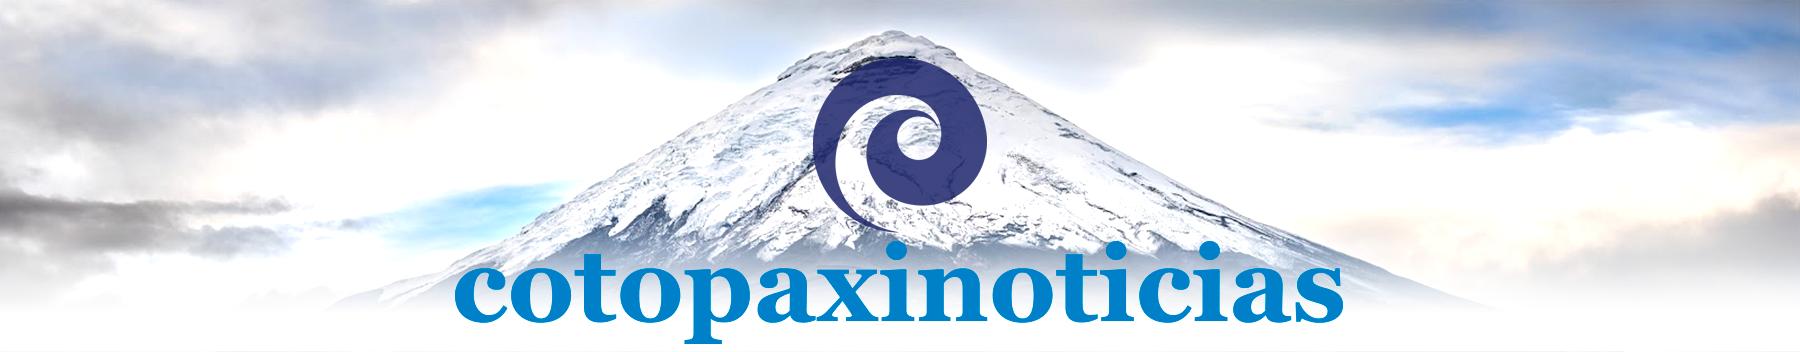 Cotopaxi Noticias